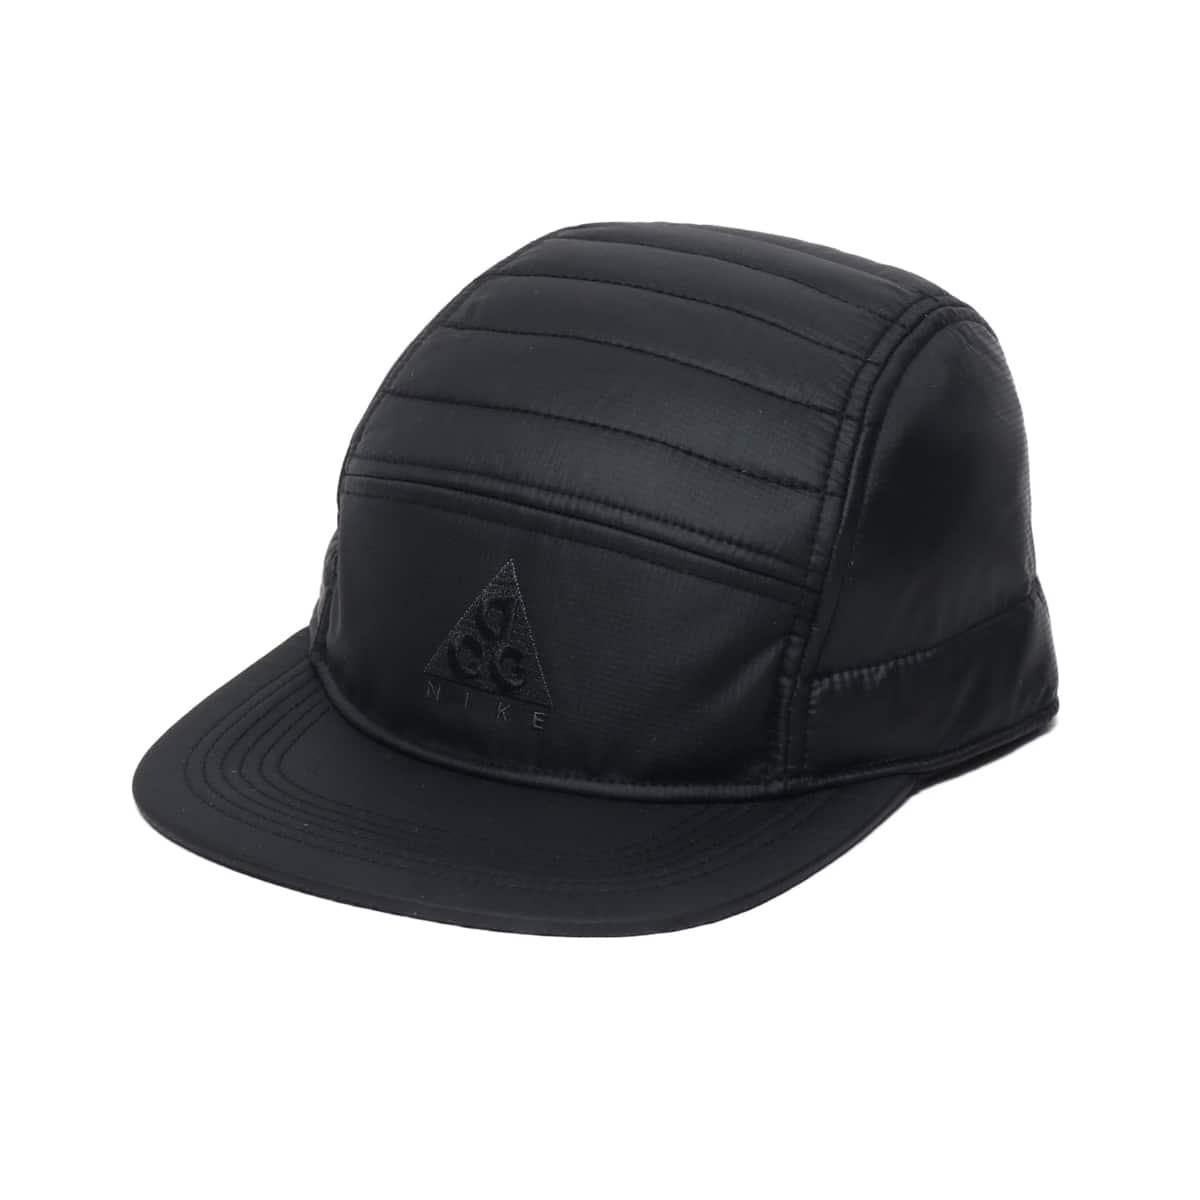 NIKE U NRG AW84 CAP ACG BLACK 20SP-S_photo_large